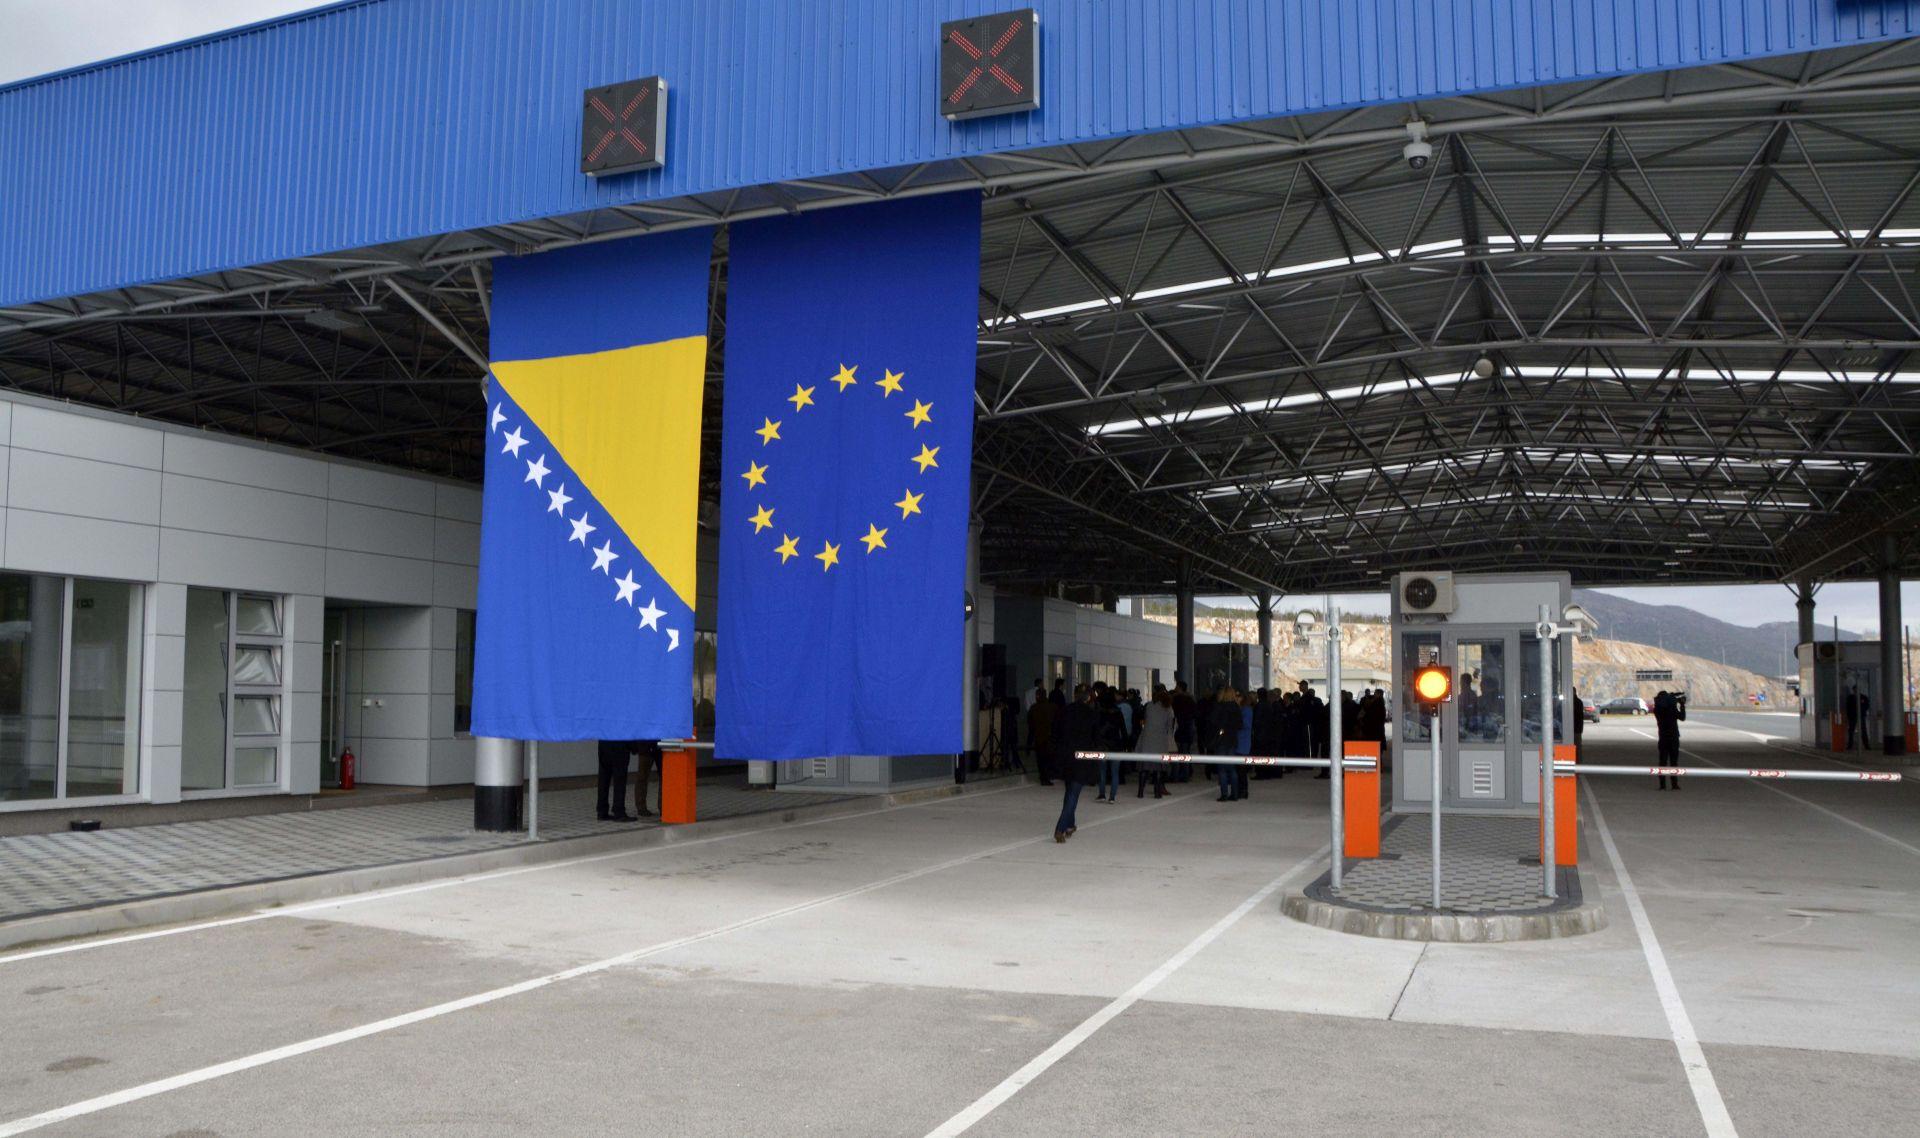 Zamjenik ministra sigurnosti BiH, u zemlju ušao novac sumnjiva podrijetla